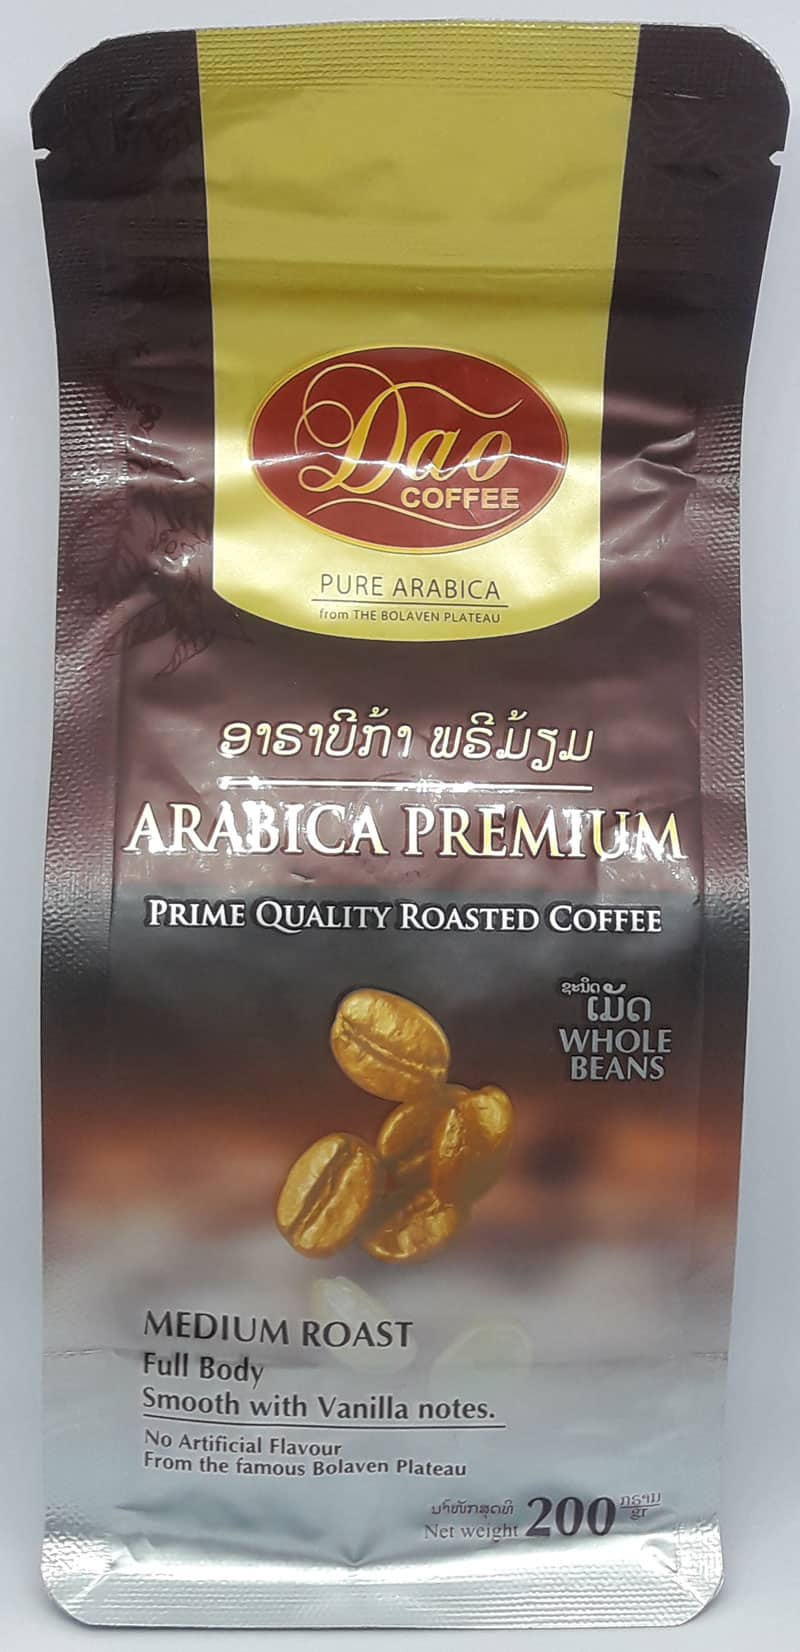 Dao Pure Arabica Premium Medium Roast